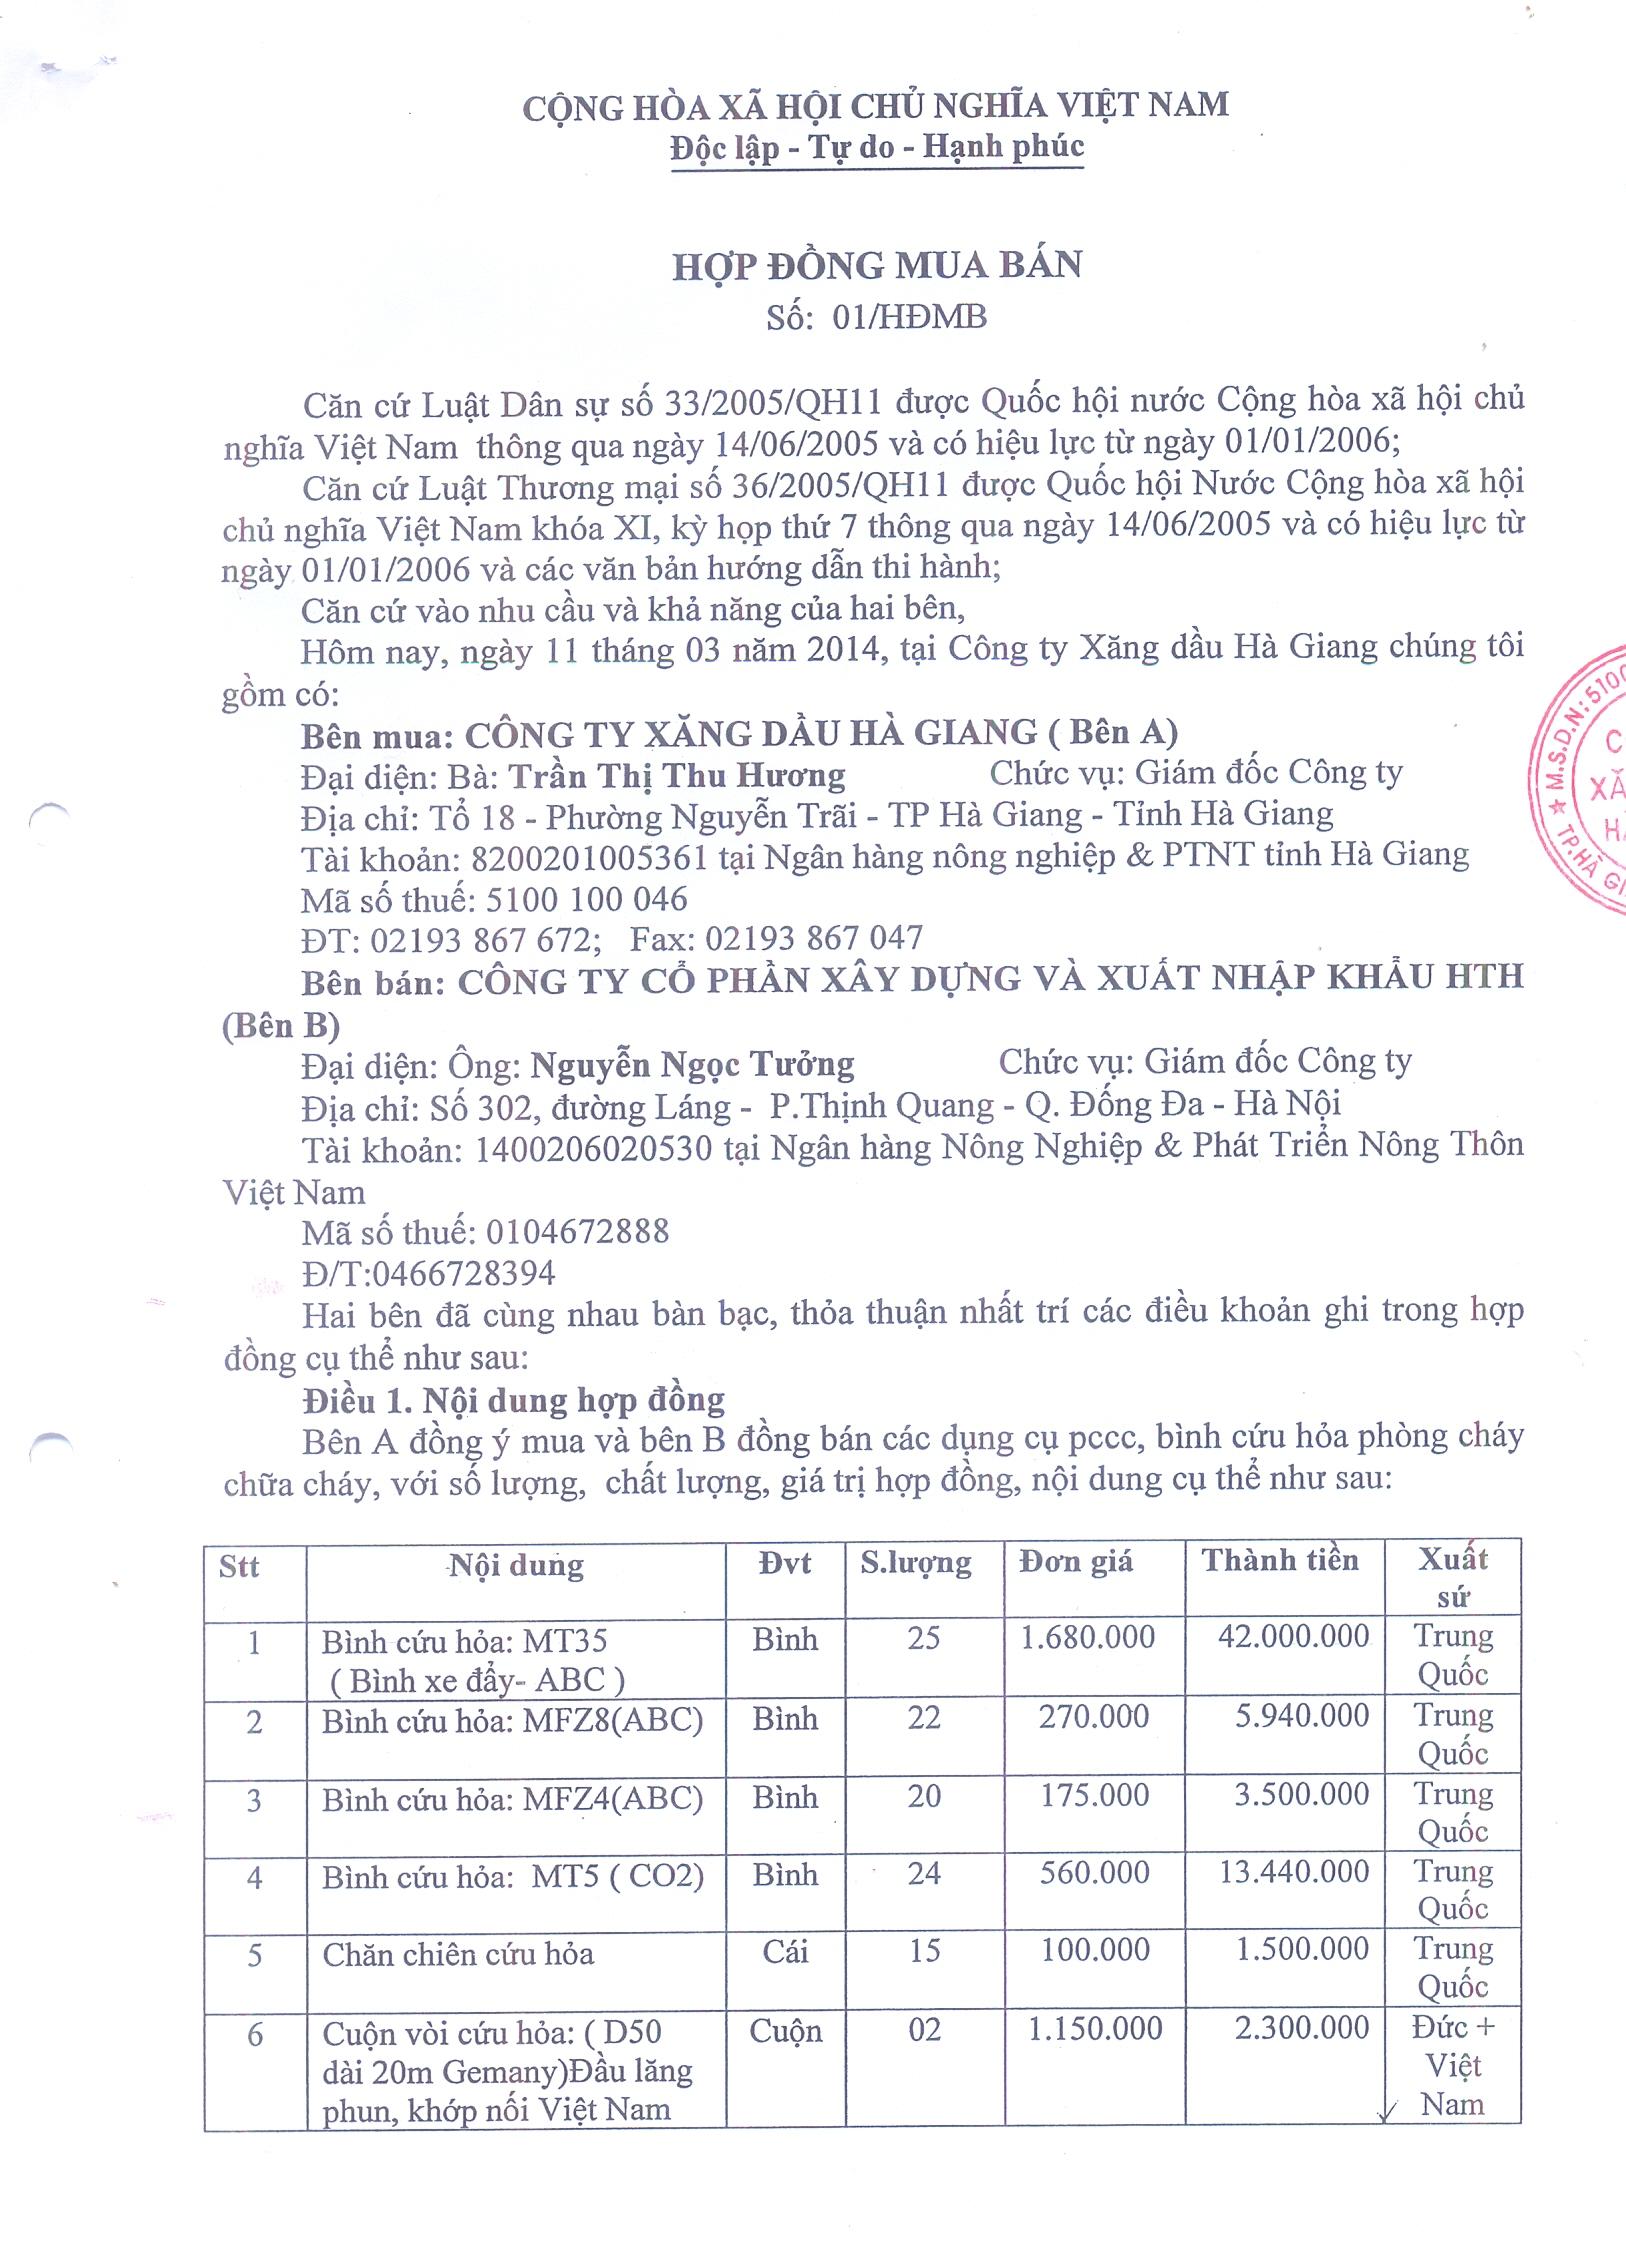 Hợp đồng đã ký kết với công ty xăng dầu Hà Giang